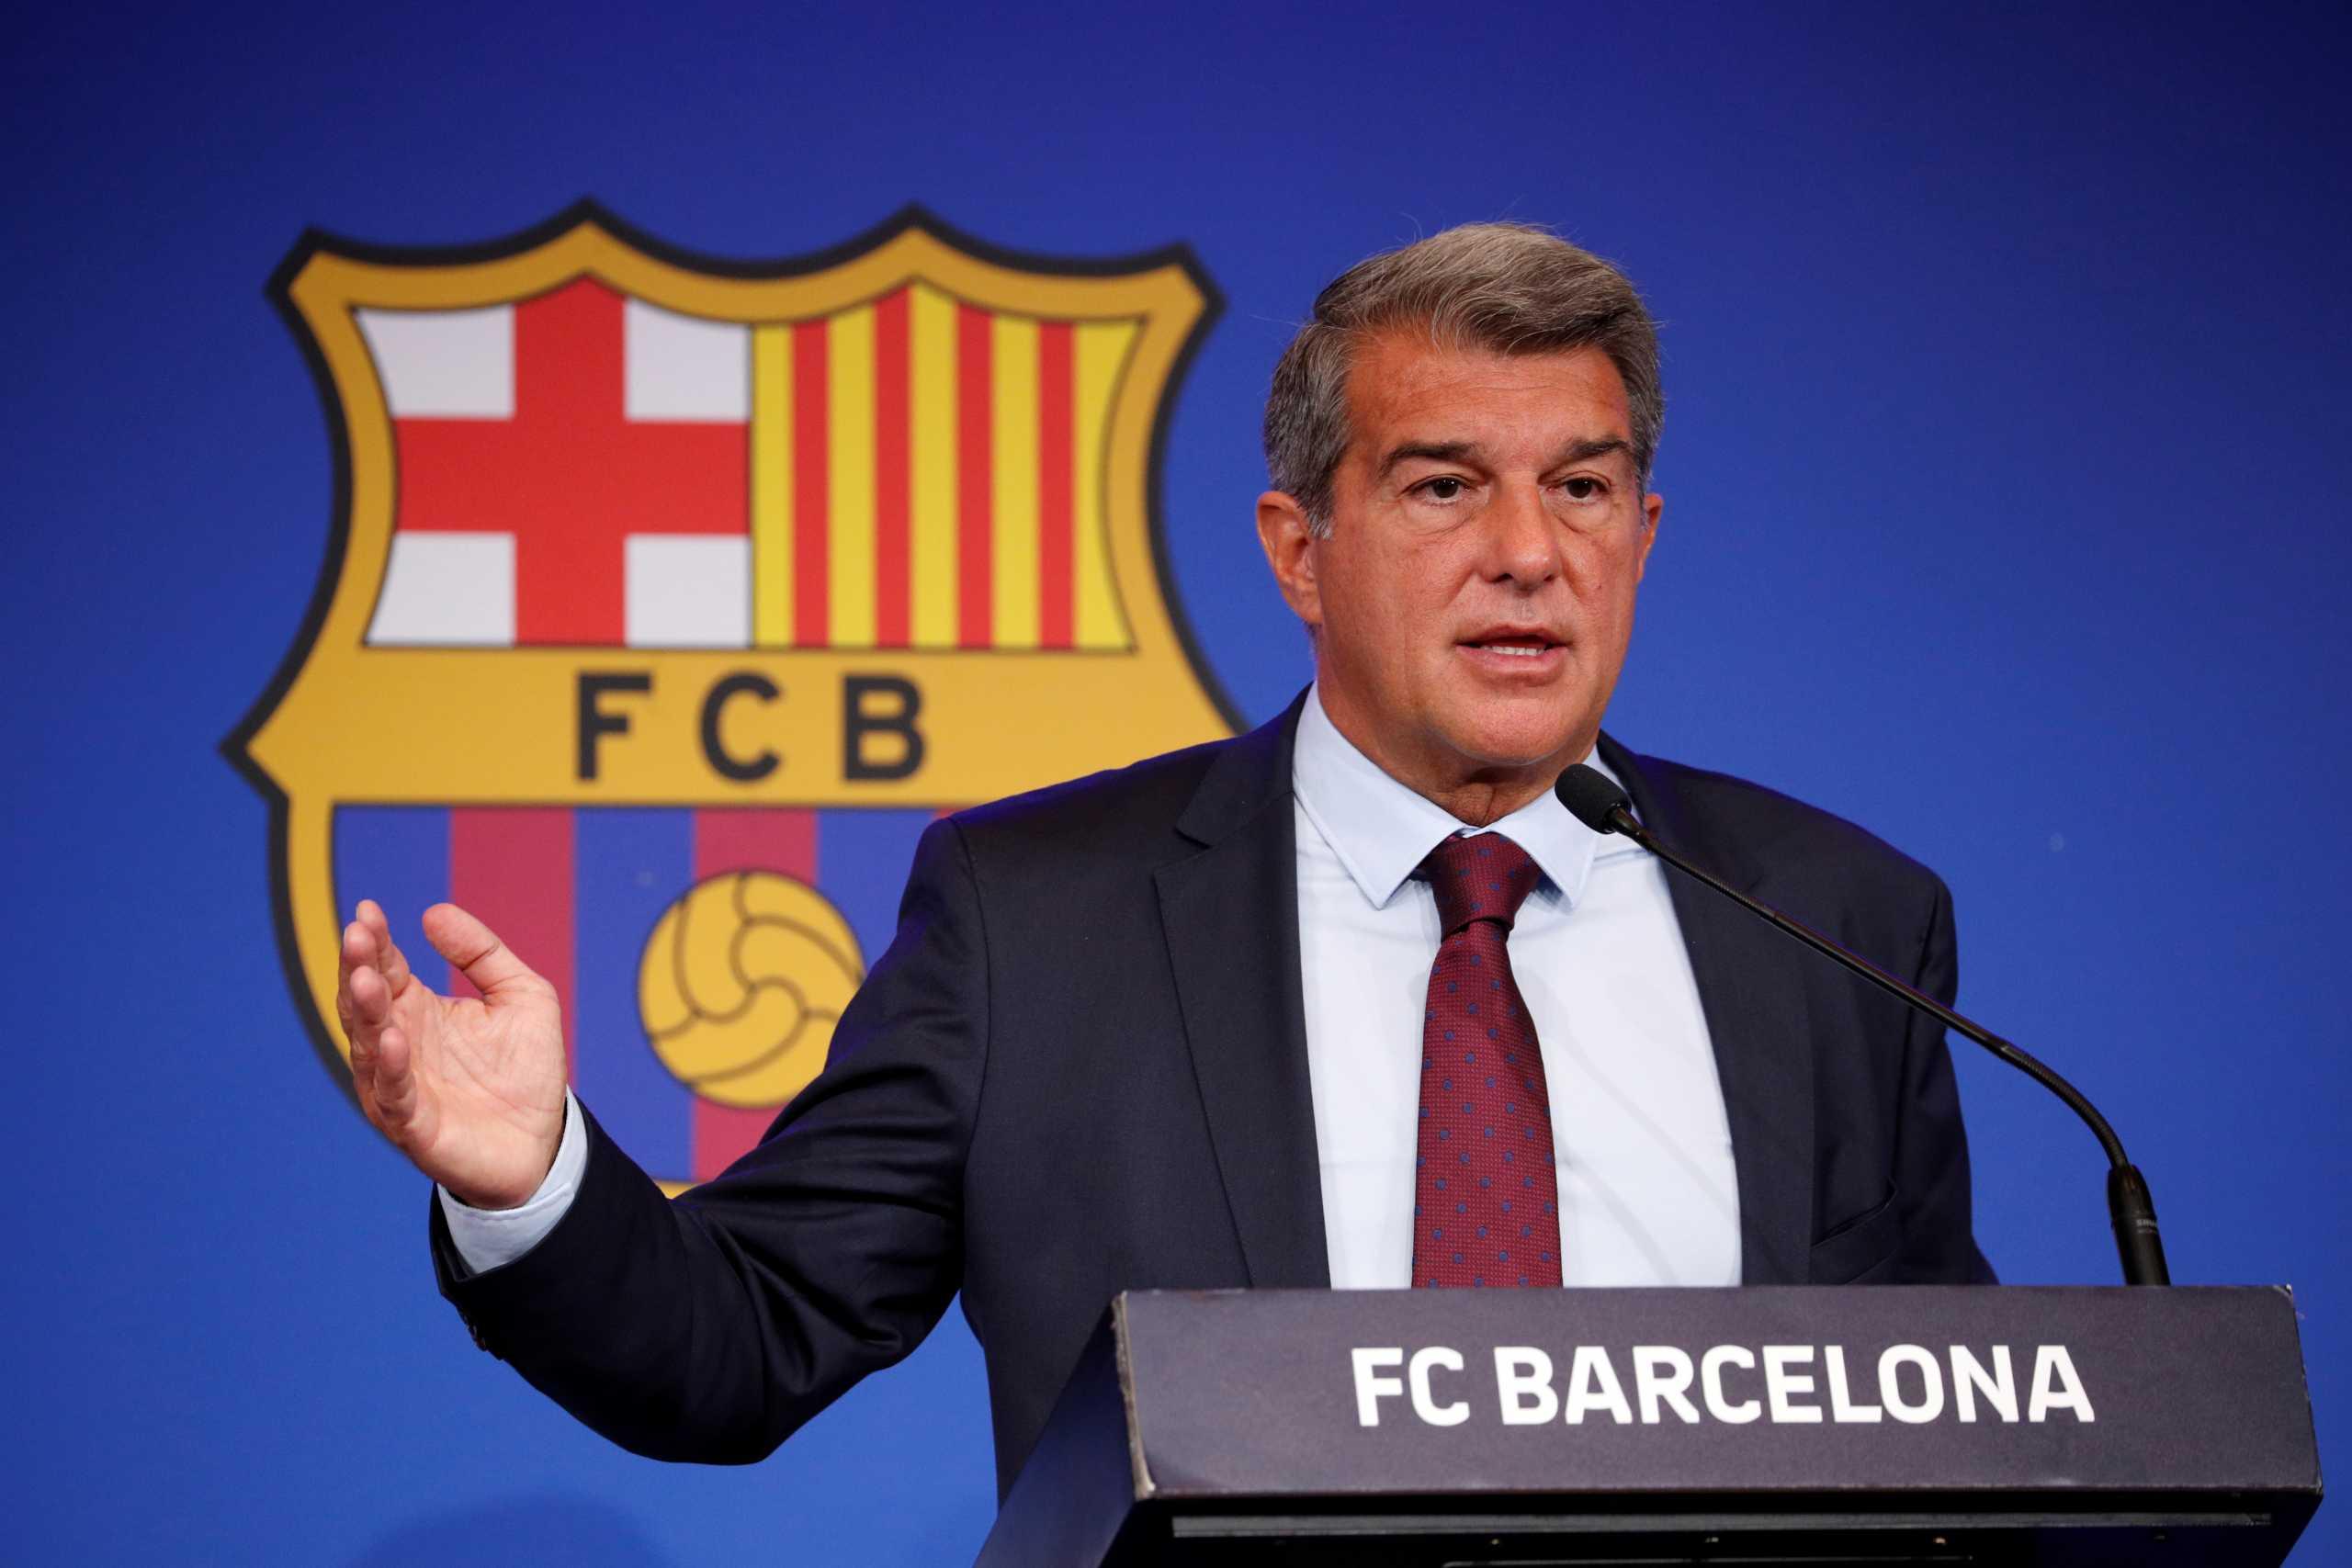 Λαπόρτα για Μέσι: «Είχαμε συμφωνήσει σε όλα αλλά η La Liga μας μπλόκαρε»